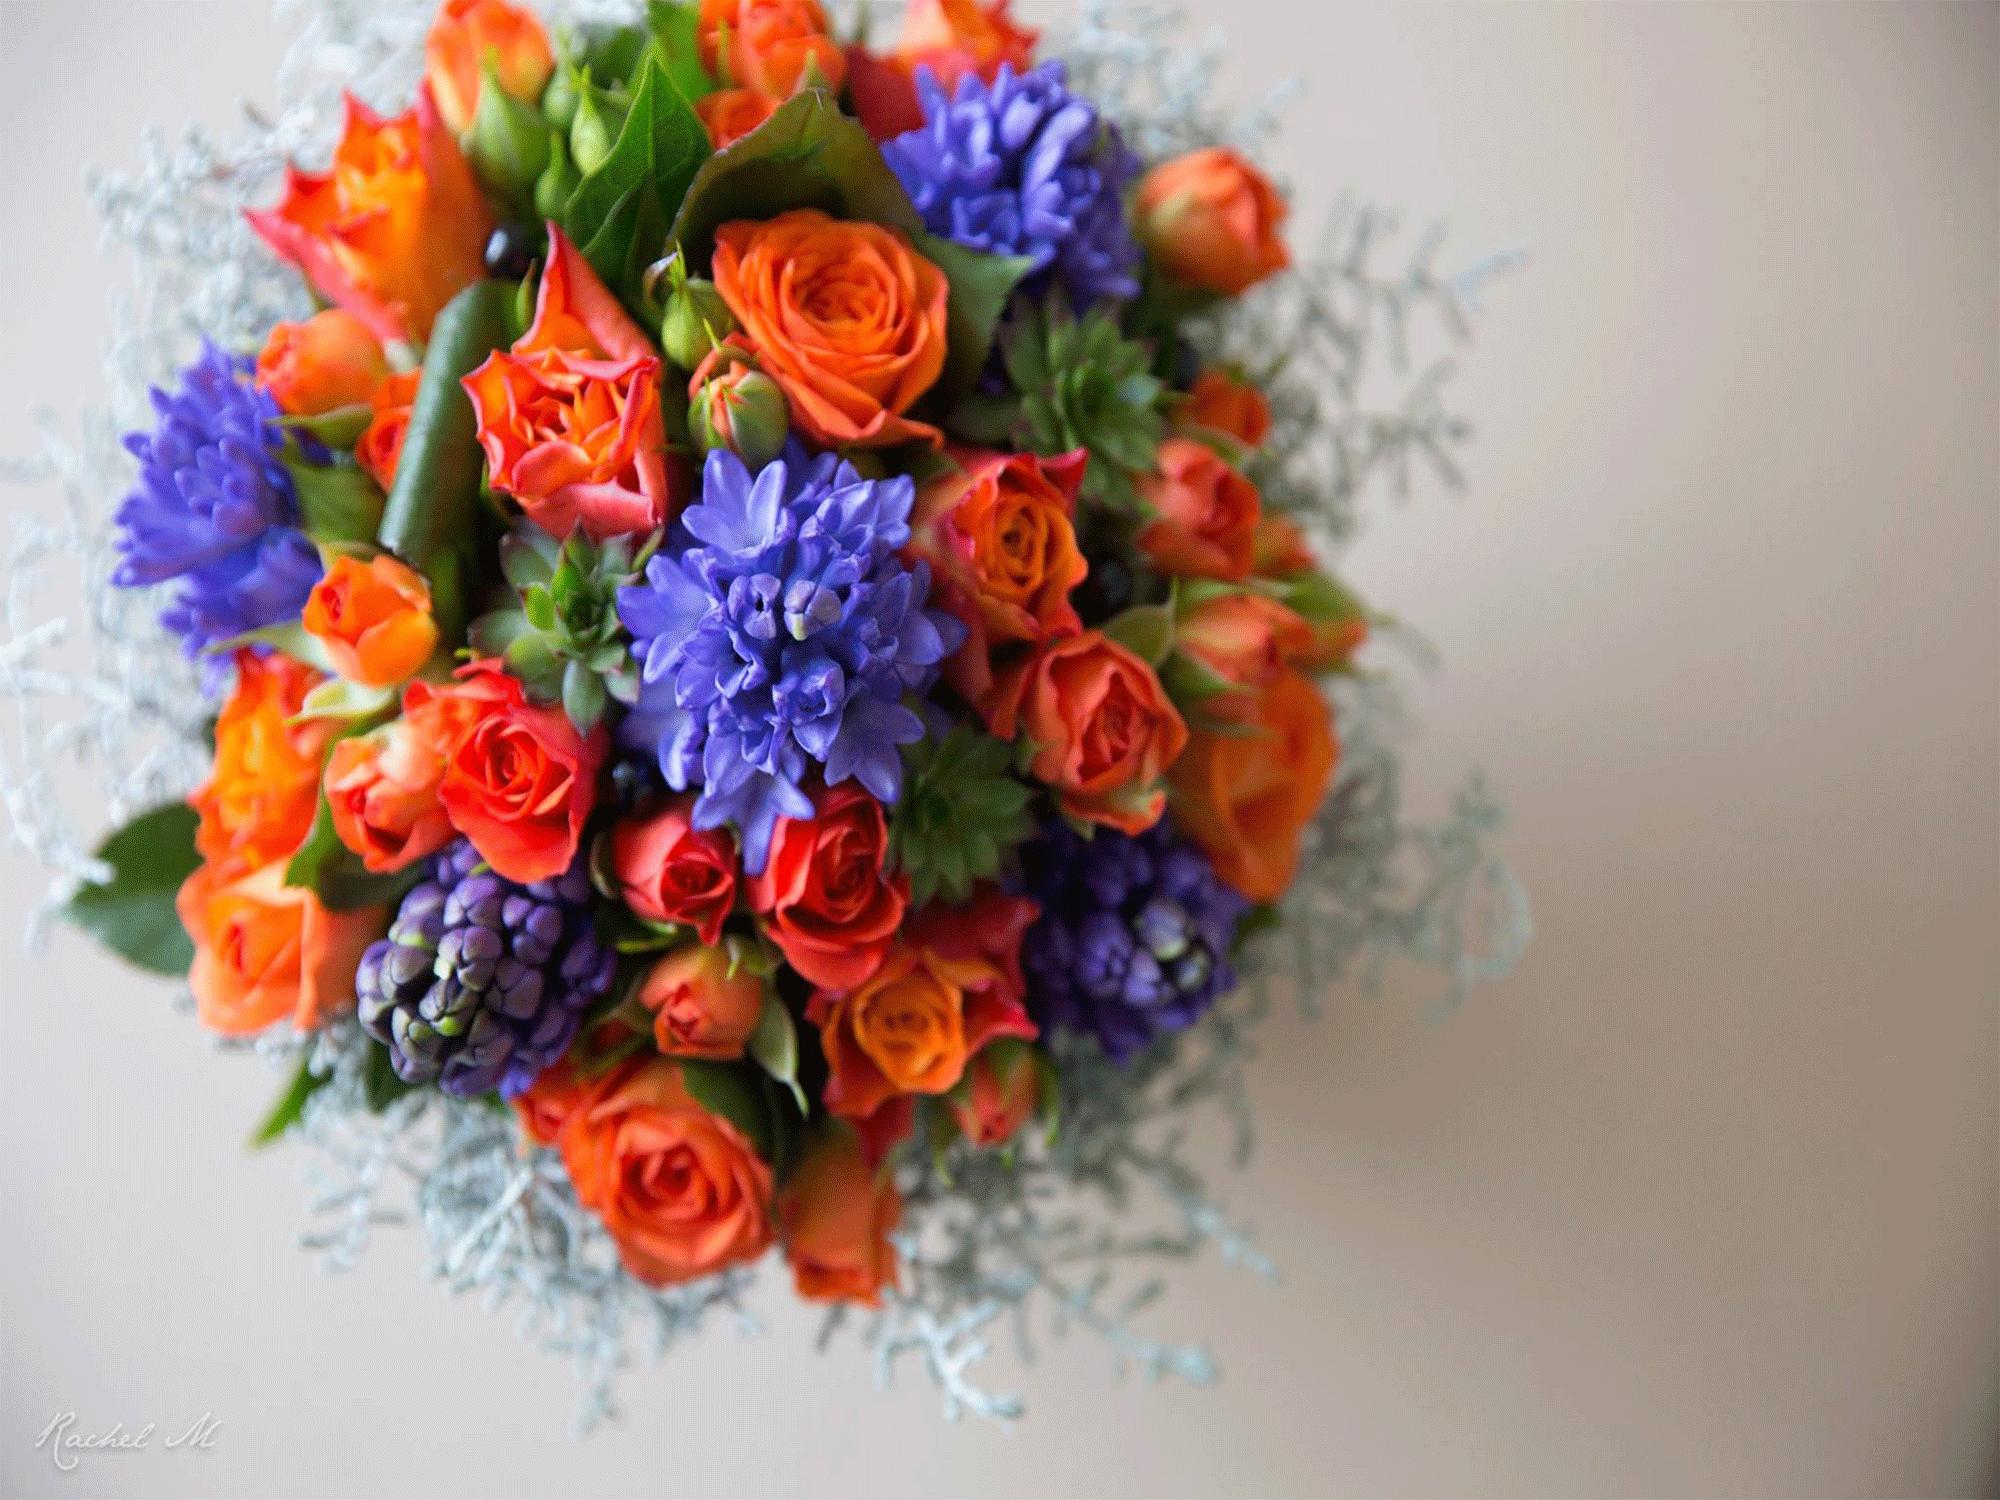 Bouquet-Rachel-M-photographe-brdx-